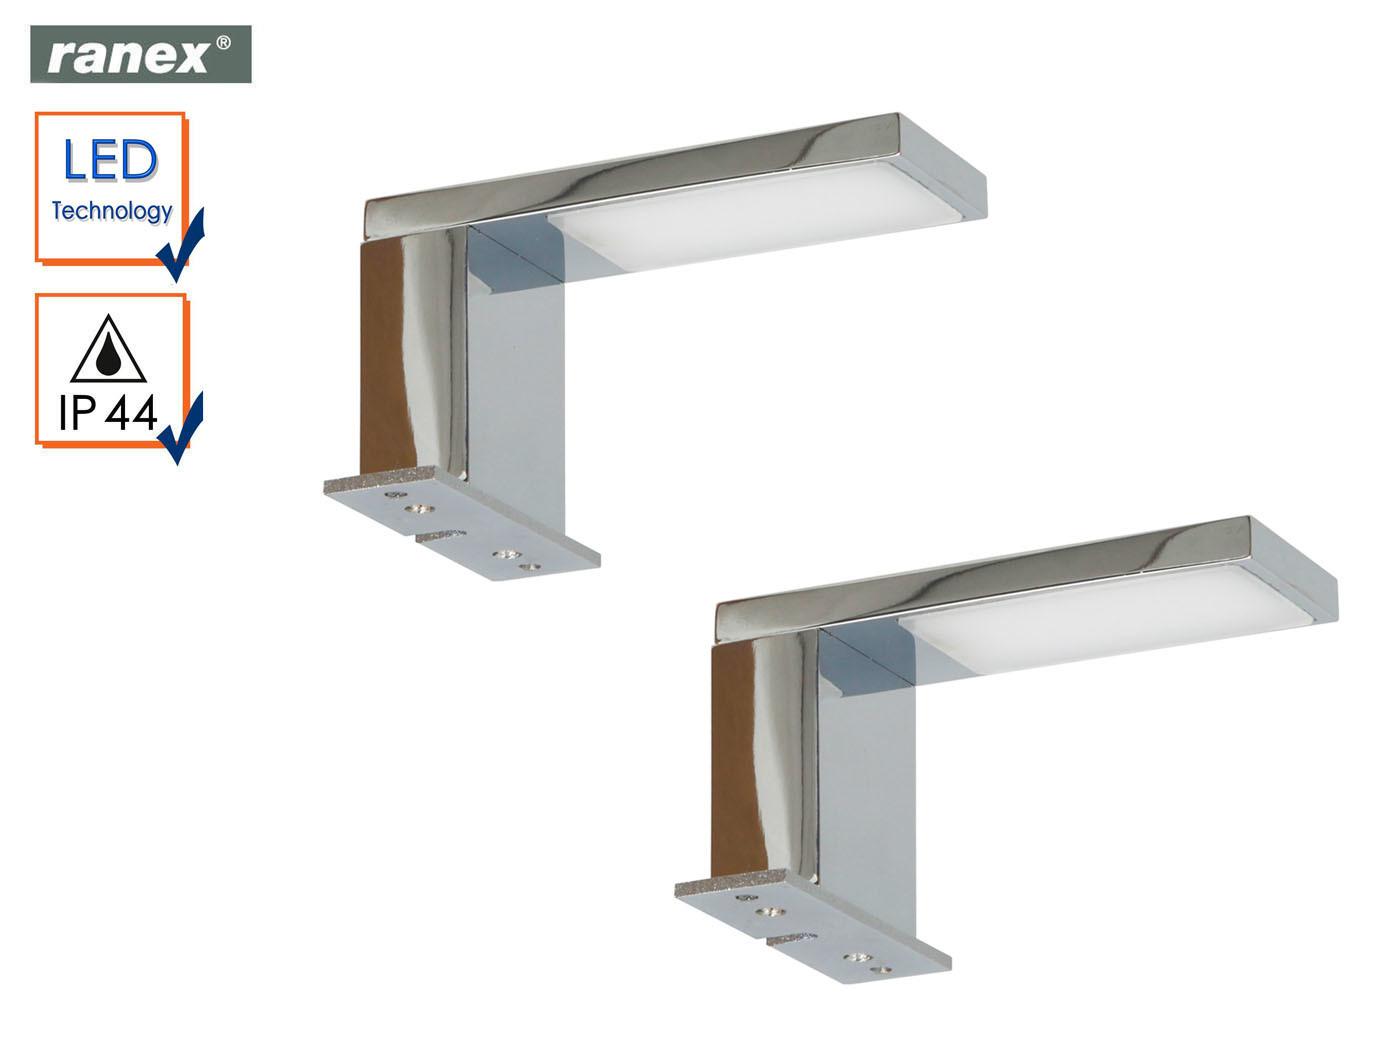 2x LED Spiegellampen JESOLO fürs Badezimmer, Spiegelleuchten Chrom ...